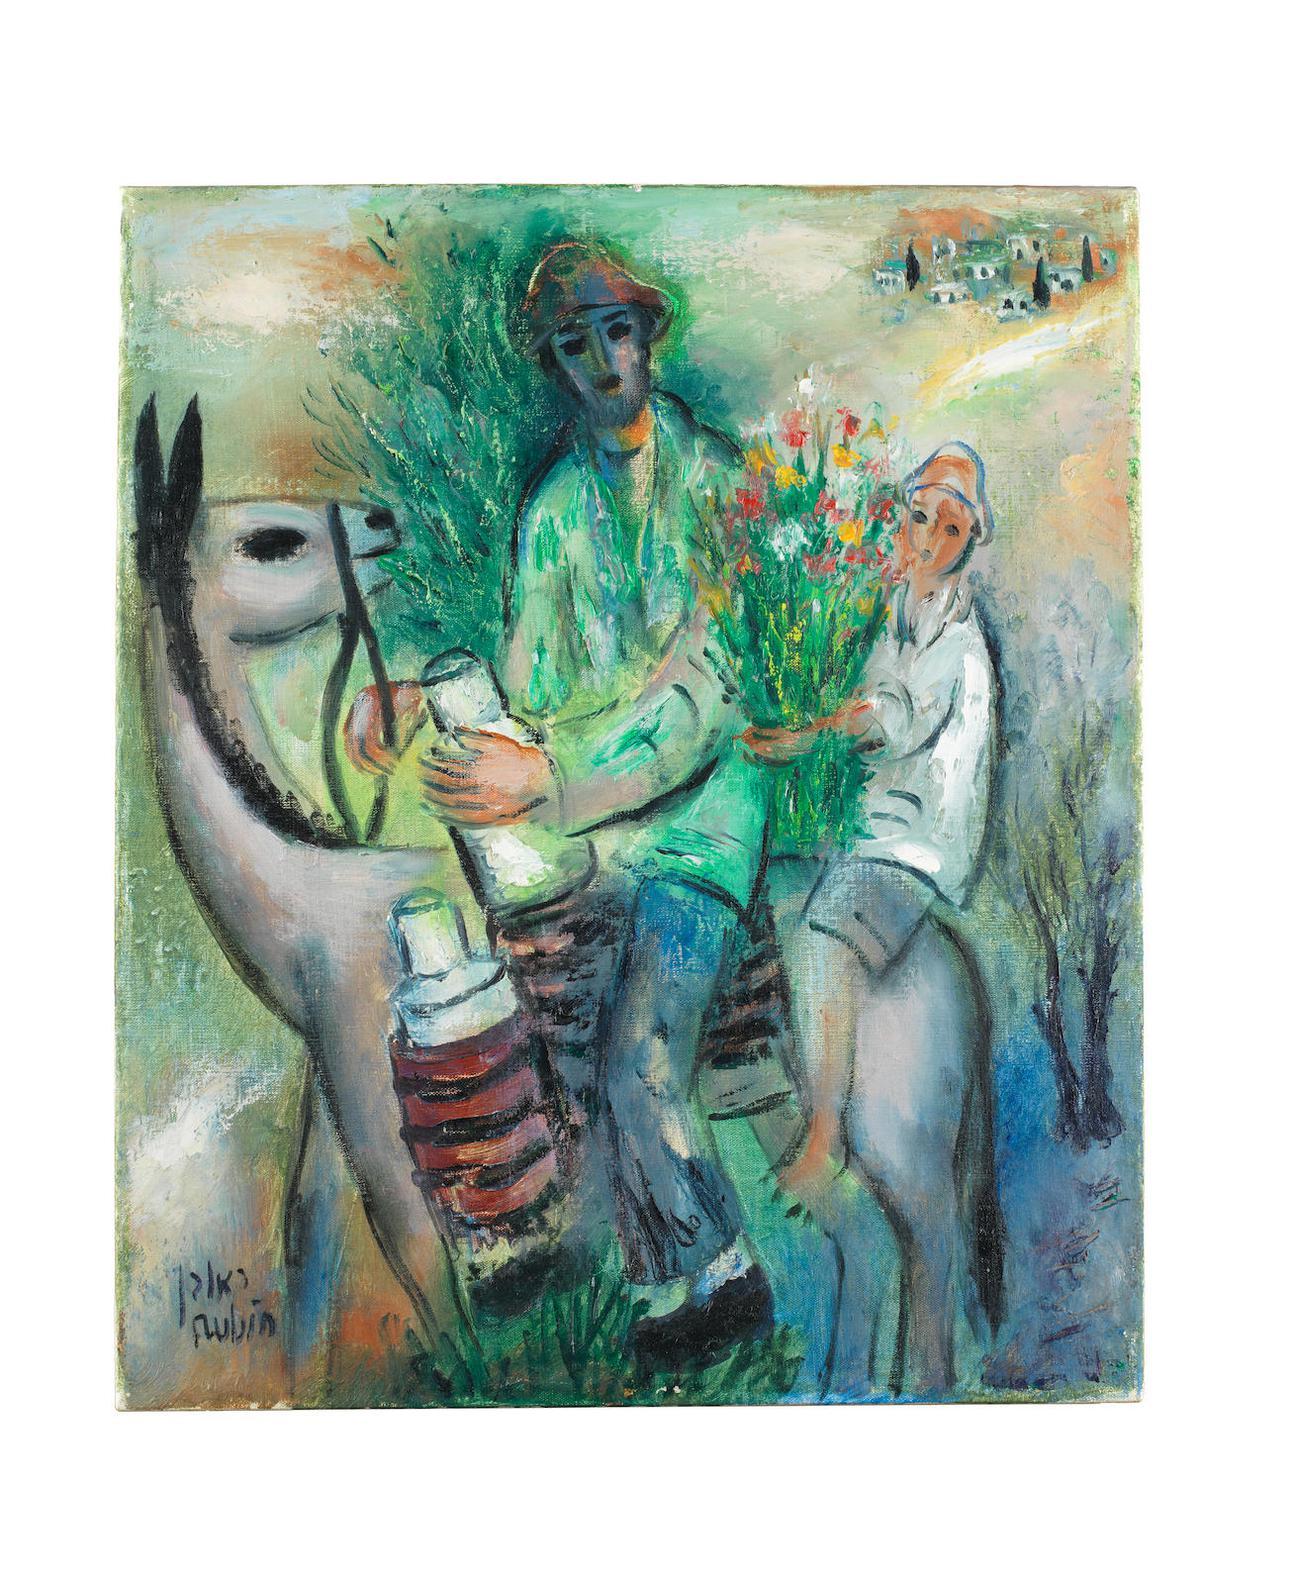 Reuven Rubin-The Milkman-